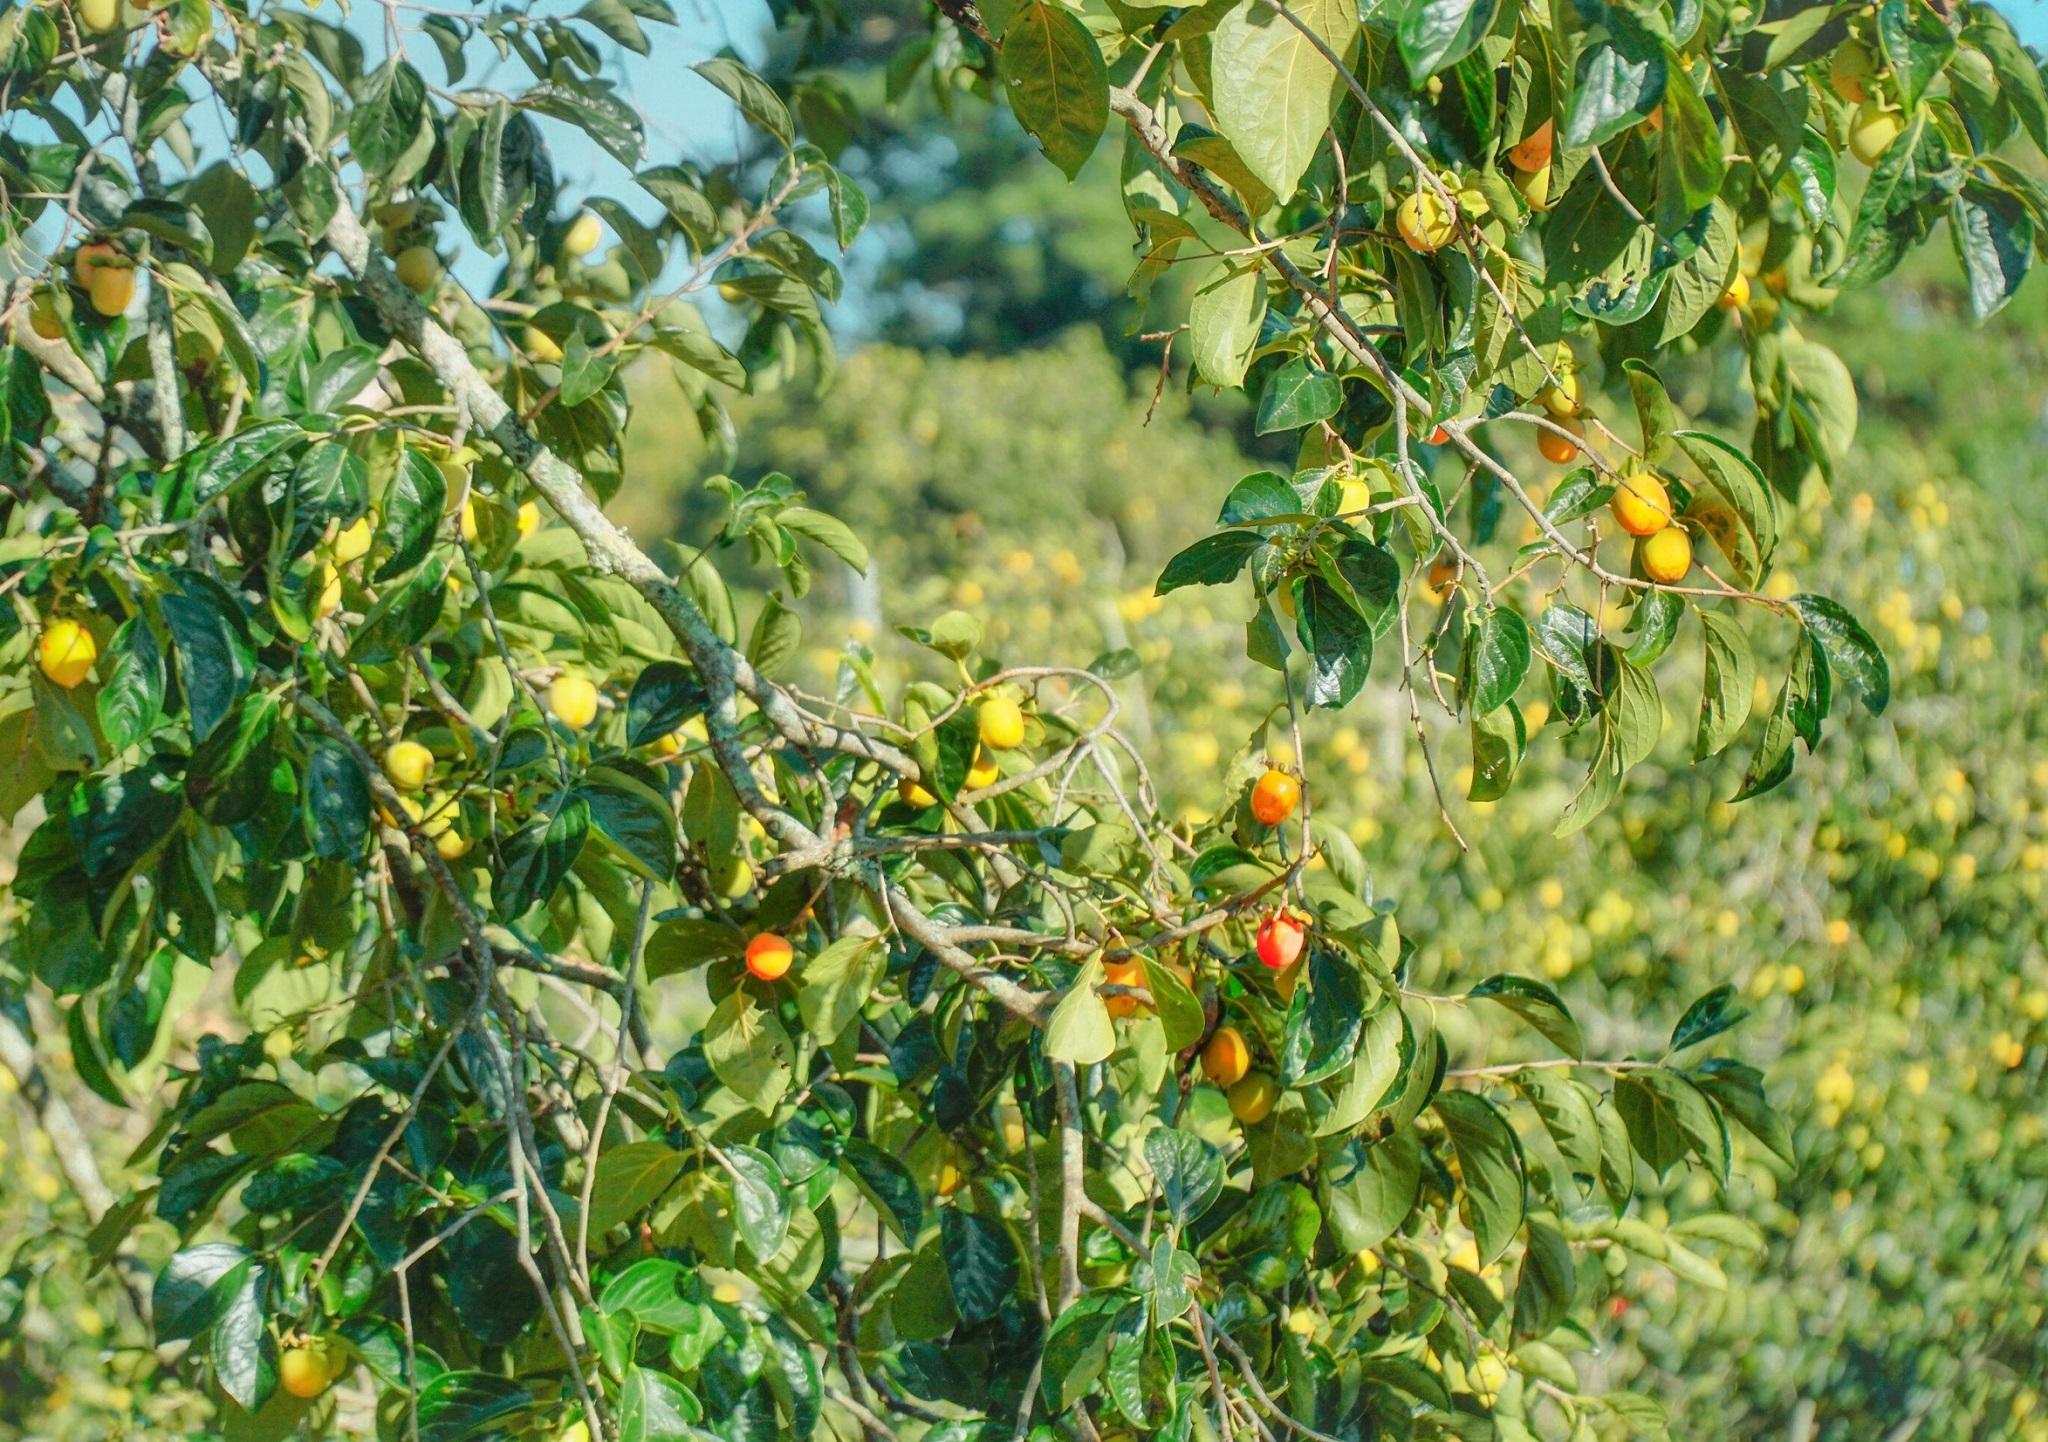 Cây hồng là cây ăn quả đặc thù của vùng cao nguyên, với diện tích trồng trên 370 ha tập trung ở vùng ngoại ô các phường, các xã Xuân Thọ, Xuân Trường, Tà Nung, Đà Lạt và thị trấn D'Ran, huyện Đơn Dương lân cận.   Việt Anh cho biết vợ chồng chị từng đi Nhật đúng vào mùa hồng, mê mẩn trước khung cảnh đẹp như tranh với những cây hồng trái đỏ nép mình bên các nhà gỗ ở Kyoto. Sau này, cơ duyên đến với gia đình và hiện sở hữu một vườn hồng đẹp không thua kém bên Nhật. Vườn hồng không cần tốn nhiều công chăm sóc, nơi này là xứ hồng, thổ nhưỡng thích hợp trồng hồng, nên cả năm chỉ cần bón phân hữu cơ, cứ đến mùa là thu hoạch trái sạch.  Ngoài làm lại lối đi vào vườn, anh chị còn dựng căn nhà gỗ, vài túp lều mộc mạc dưới tán hồng già và bố trí các sàn gỗ để khách trải nghiệm hái hồng, chụp ảnh như đúng với cảm giác, kỷ niệm vợ chồng chị từng hái hồng ở Kyoto.